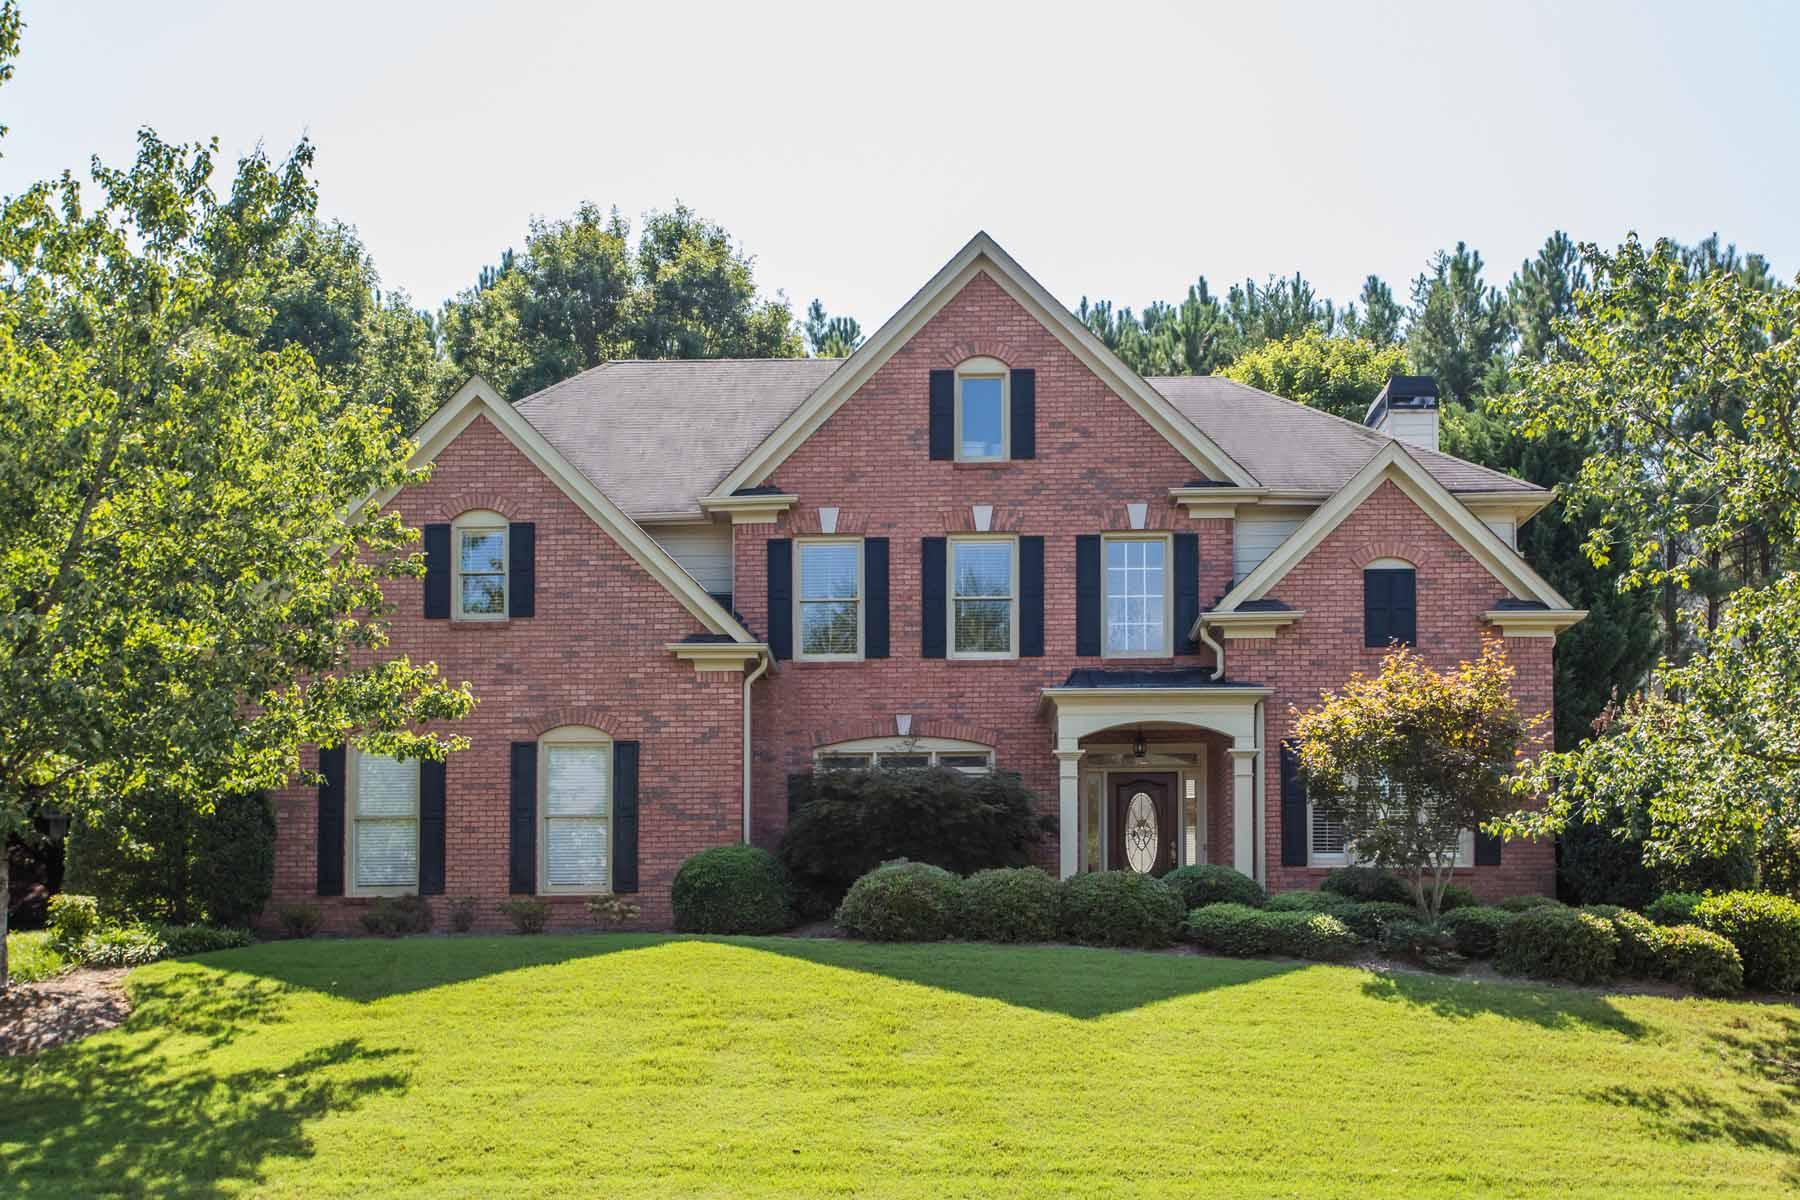 Частный односемейный дом для того Продажа на Lake and Country Club Lifestyle with Top-Rated Schools 1680 Wynridge Path Alpharetta, Джорджия, 30005 Соединенные Штаты